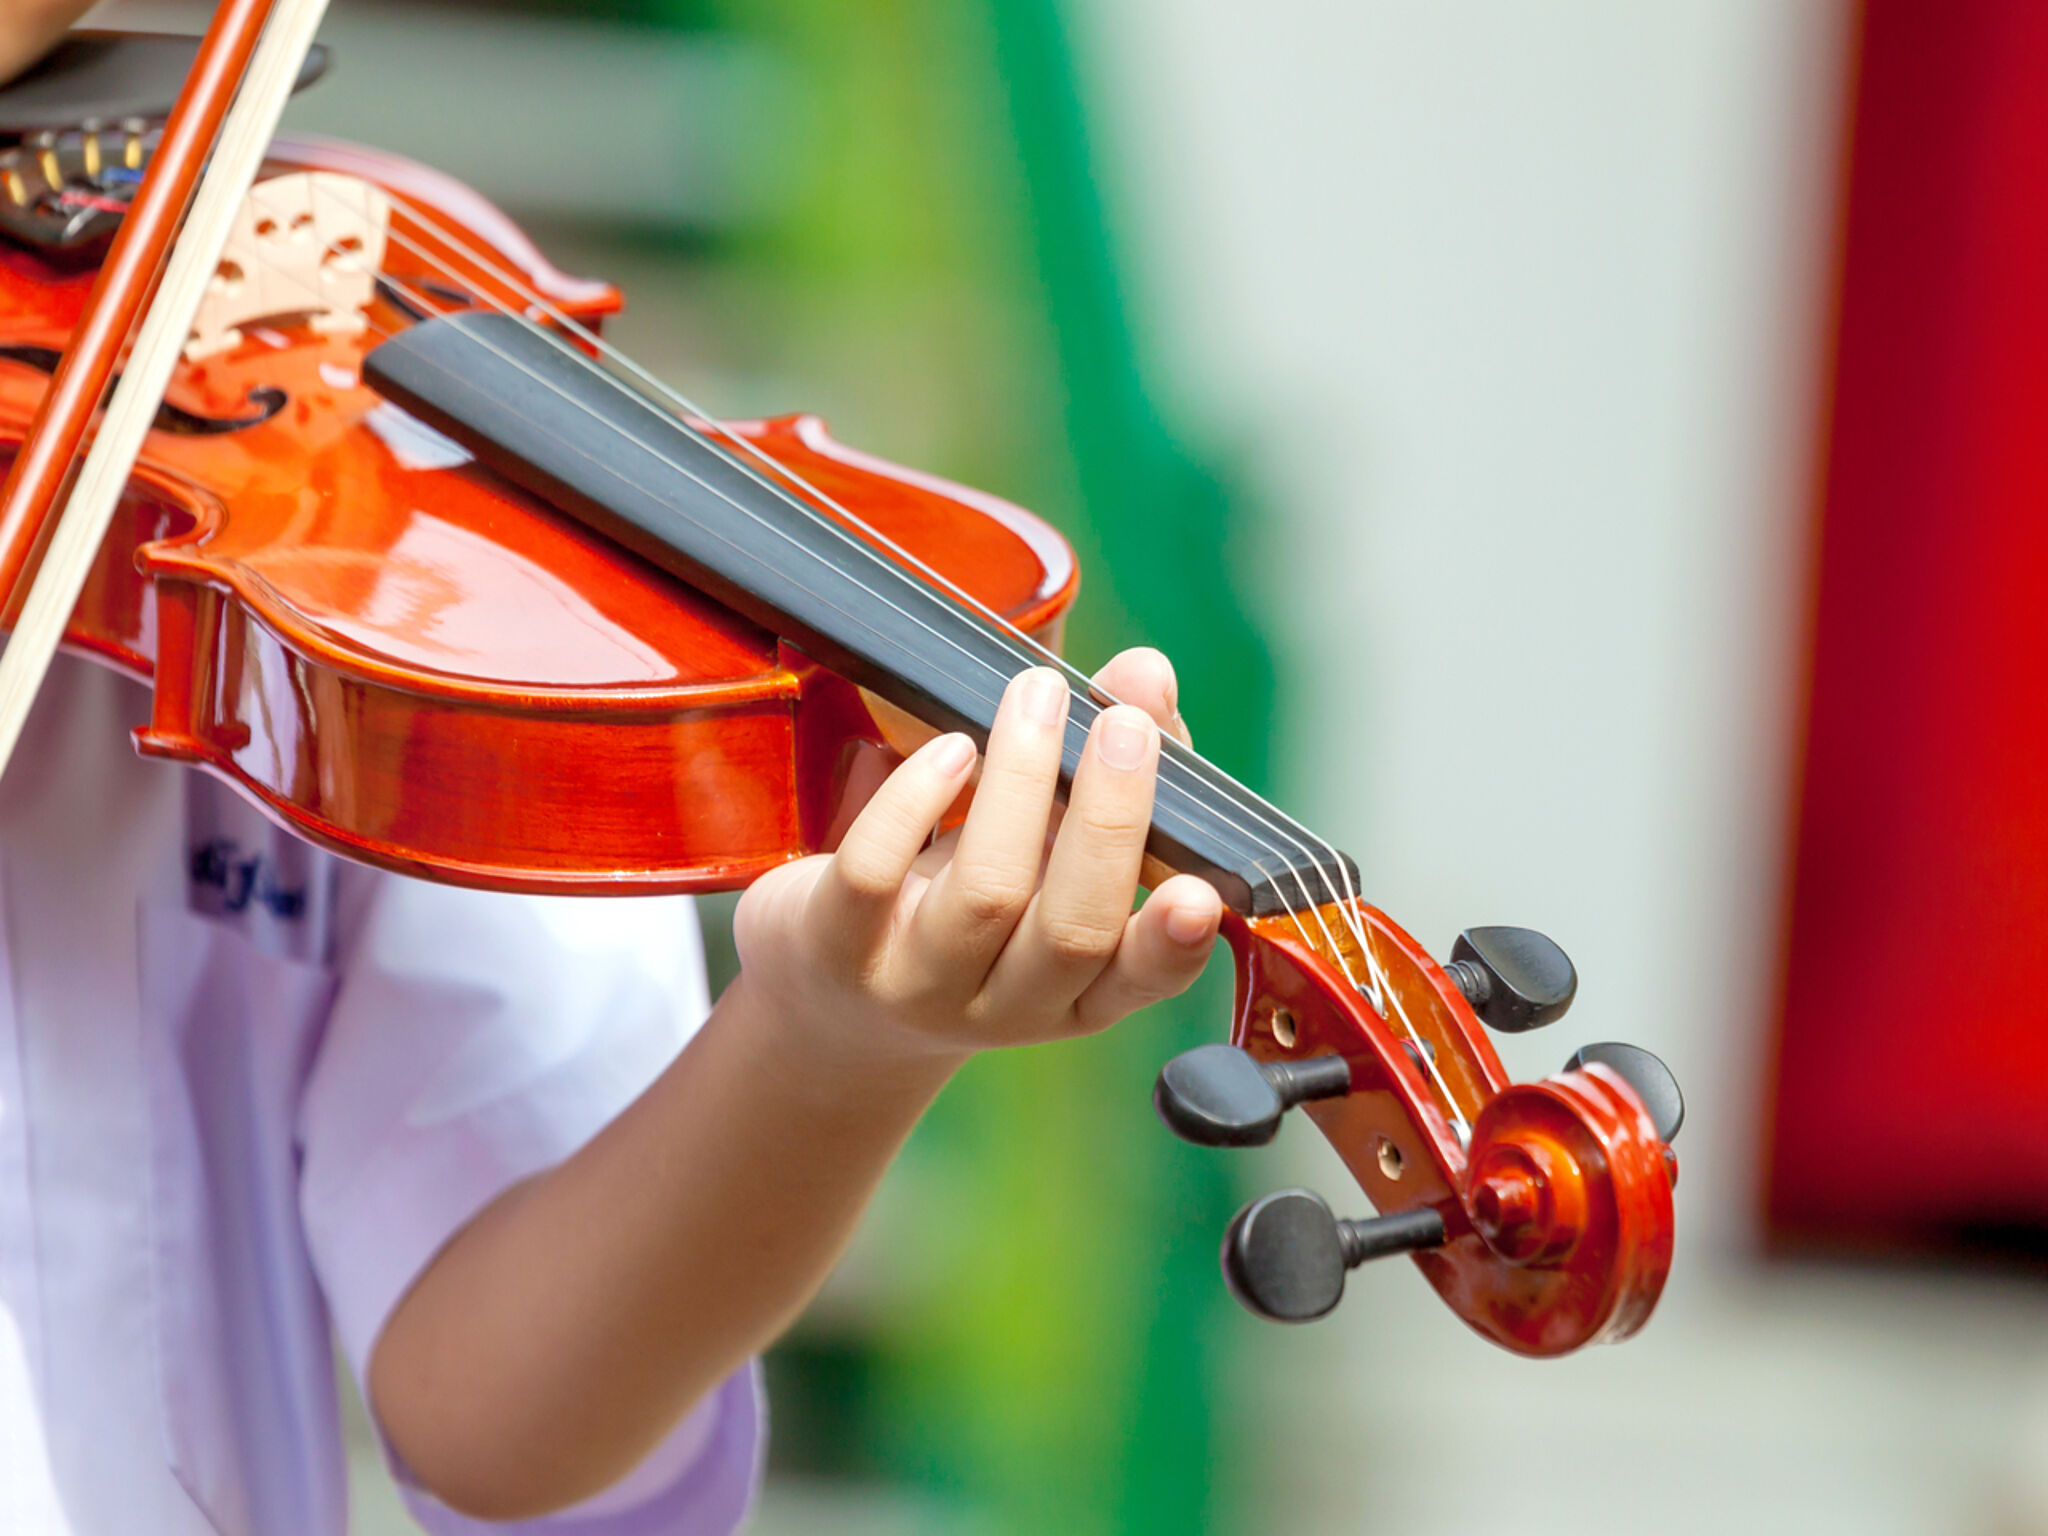 子どもがヴァイオリンをひいている画像